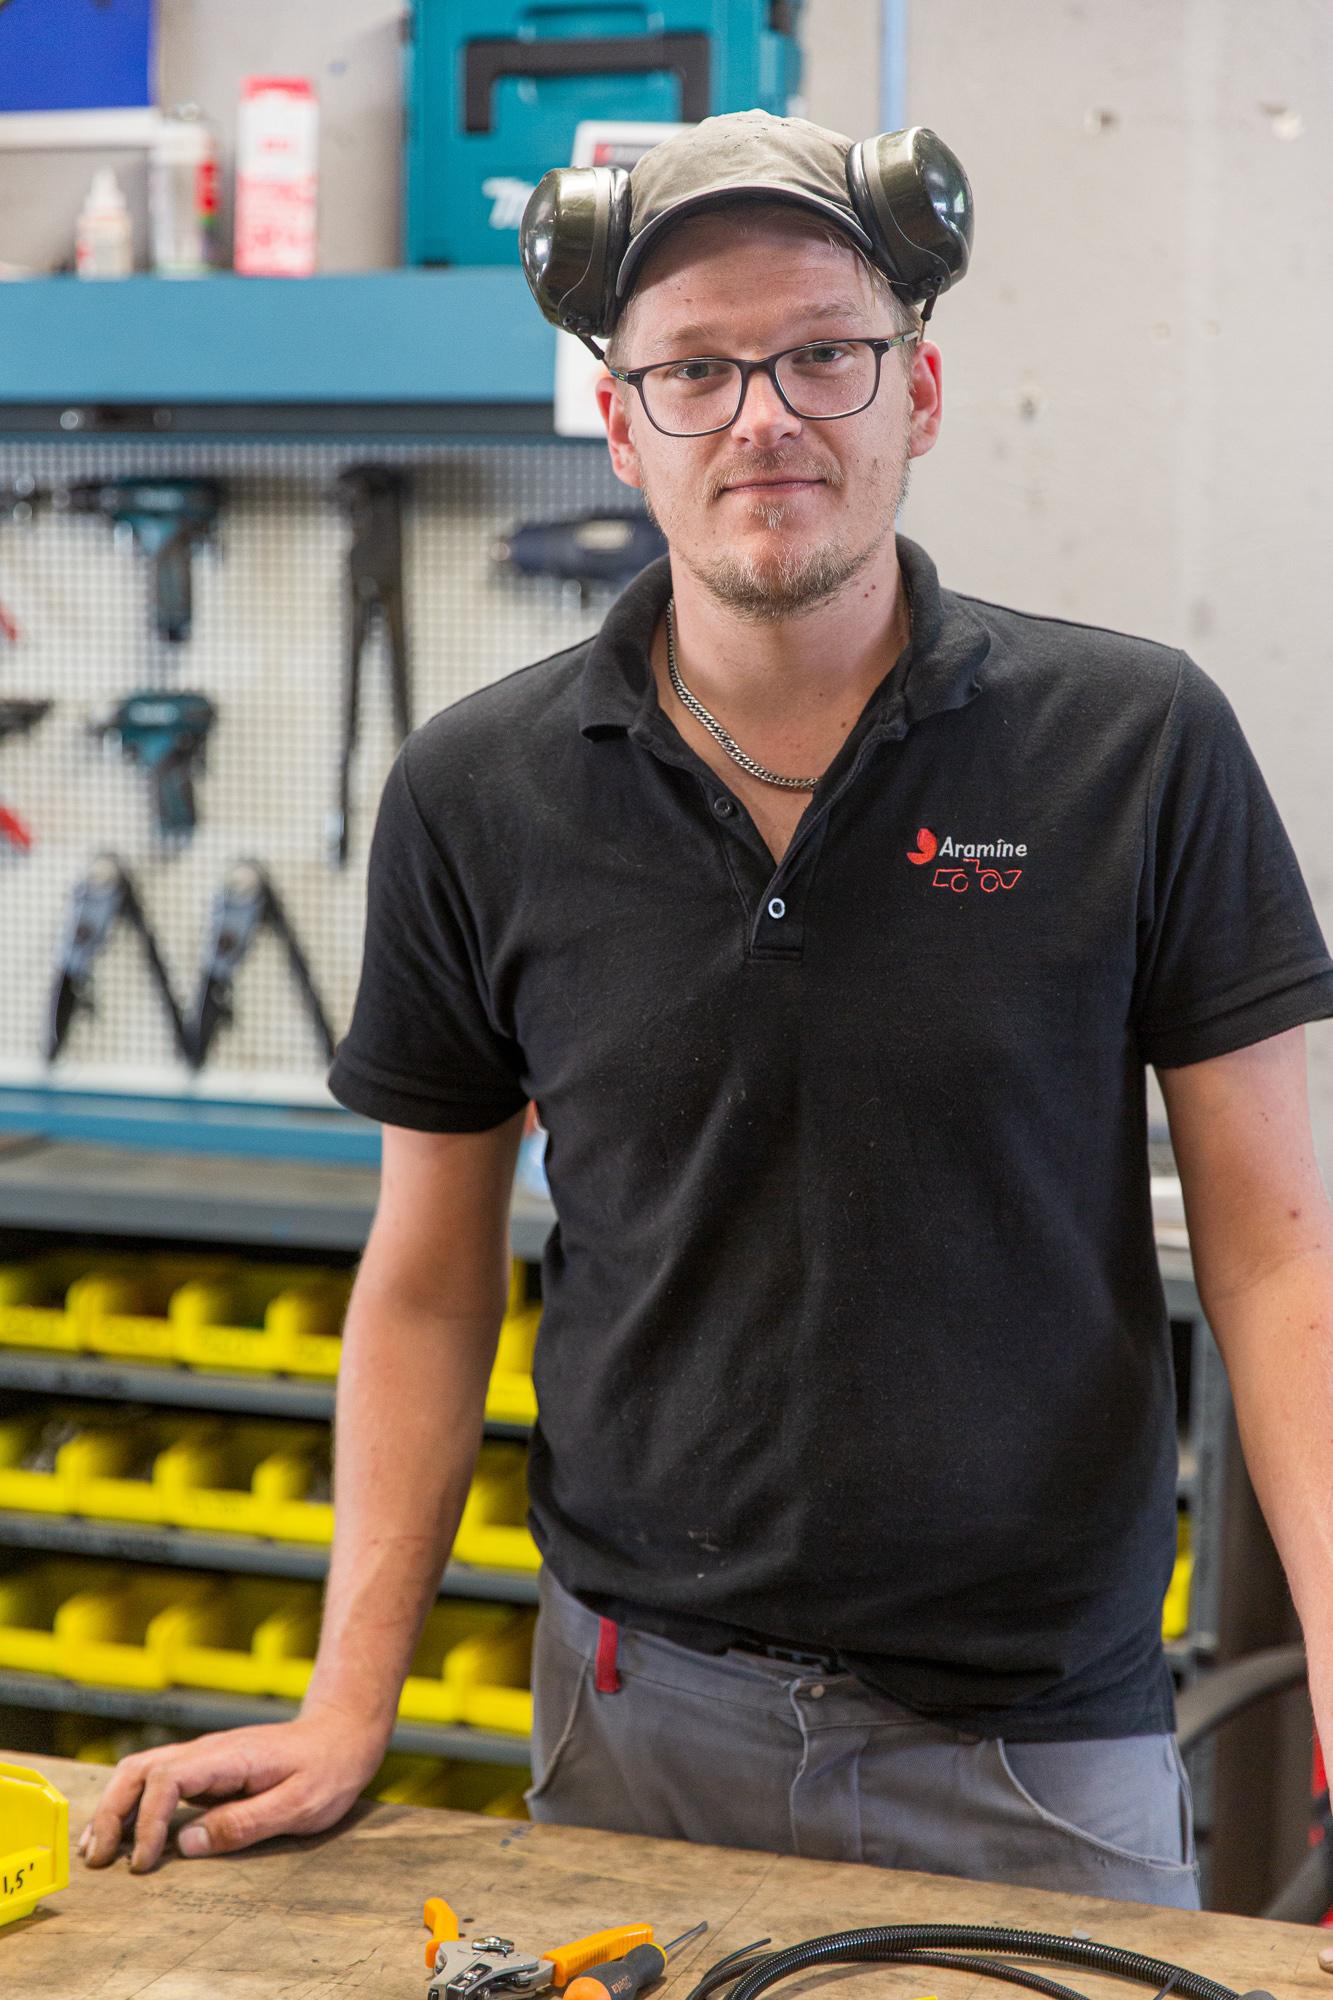 Employé de l'entreprise Aramine dans son atelier technique